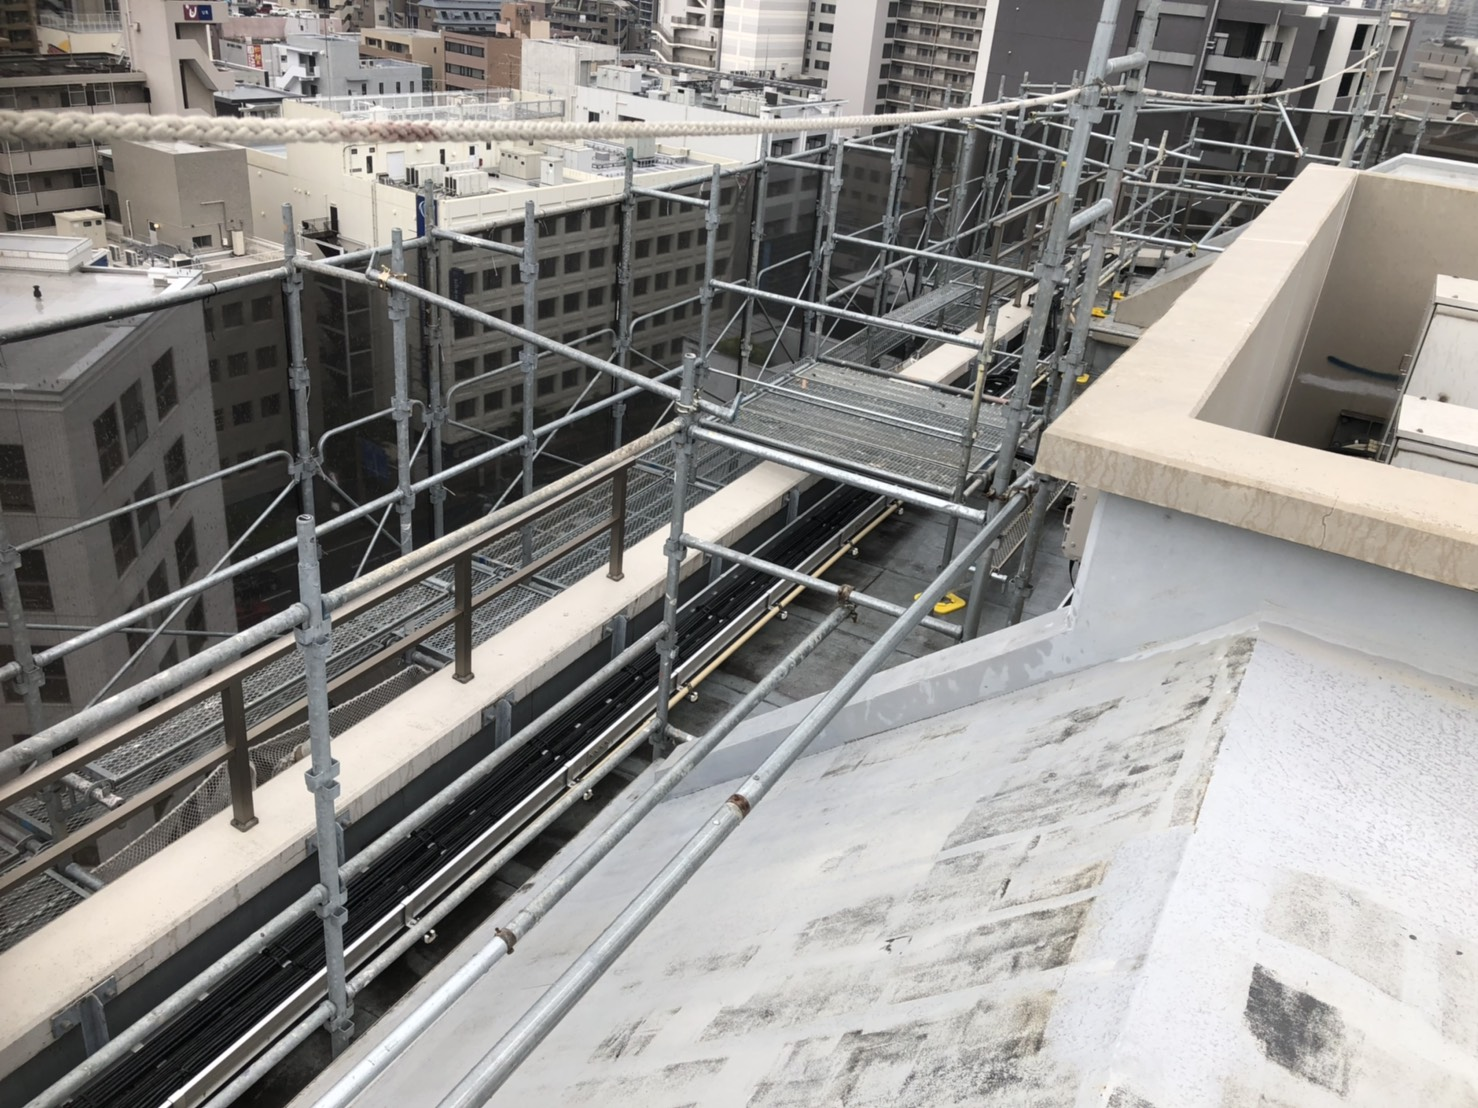 福岡県福岡市中央区薬院 14階建 大規模修繕工事 足場⑴